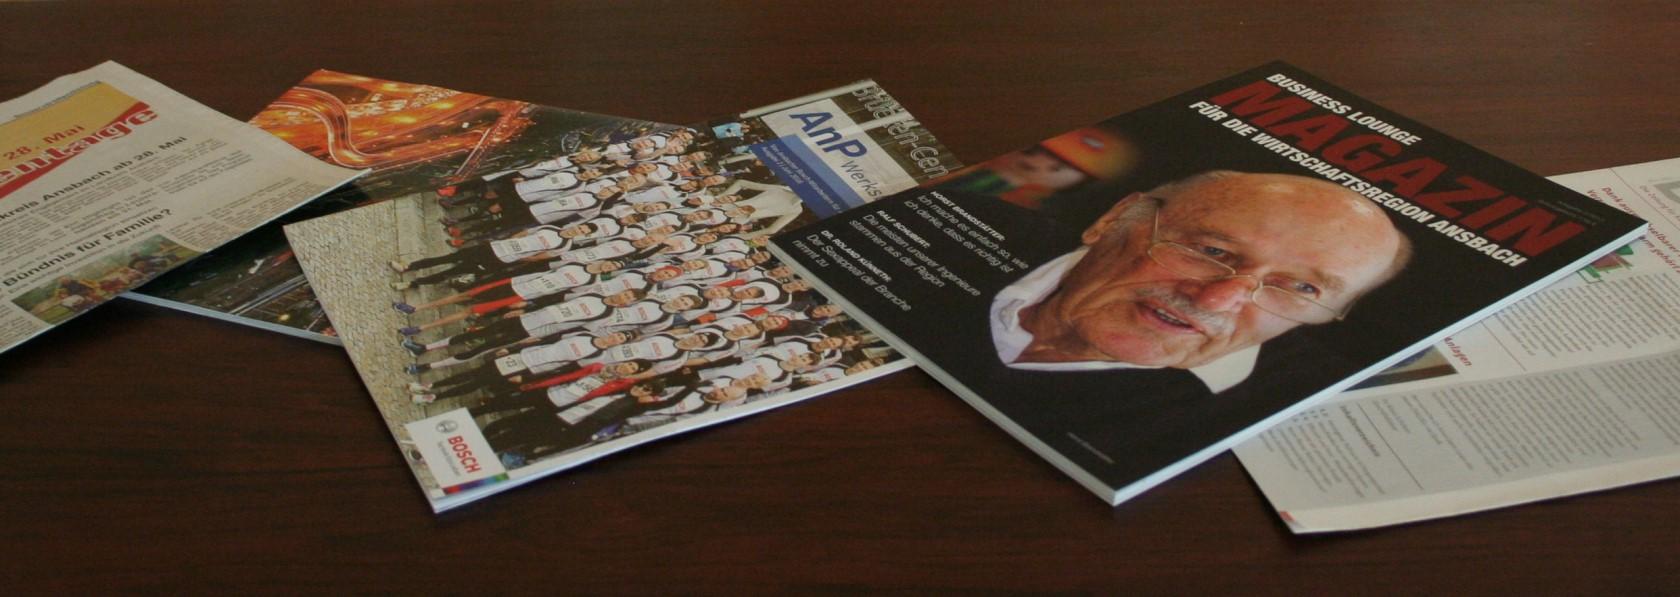 Kundenzeitschrift, Firmenzeitung & Newsletter